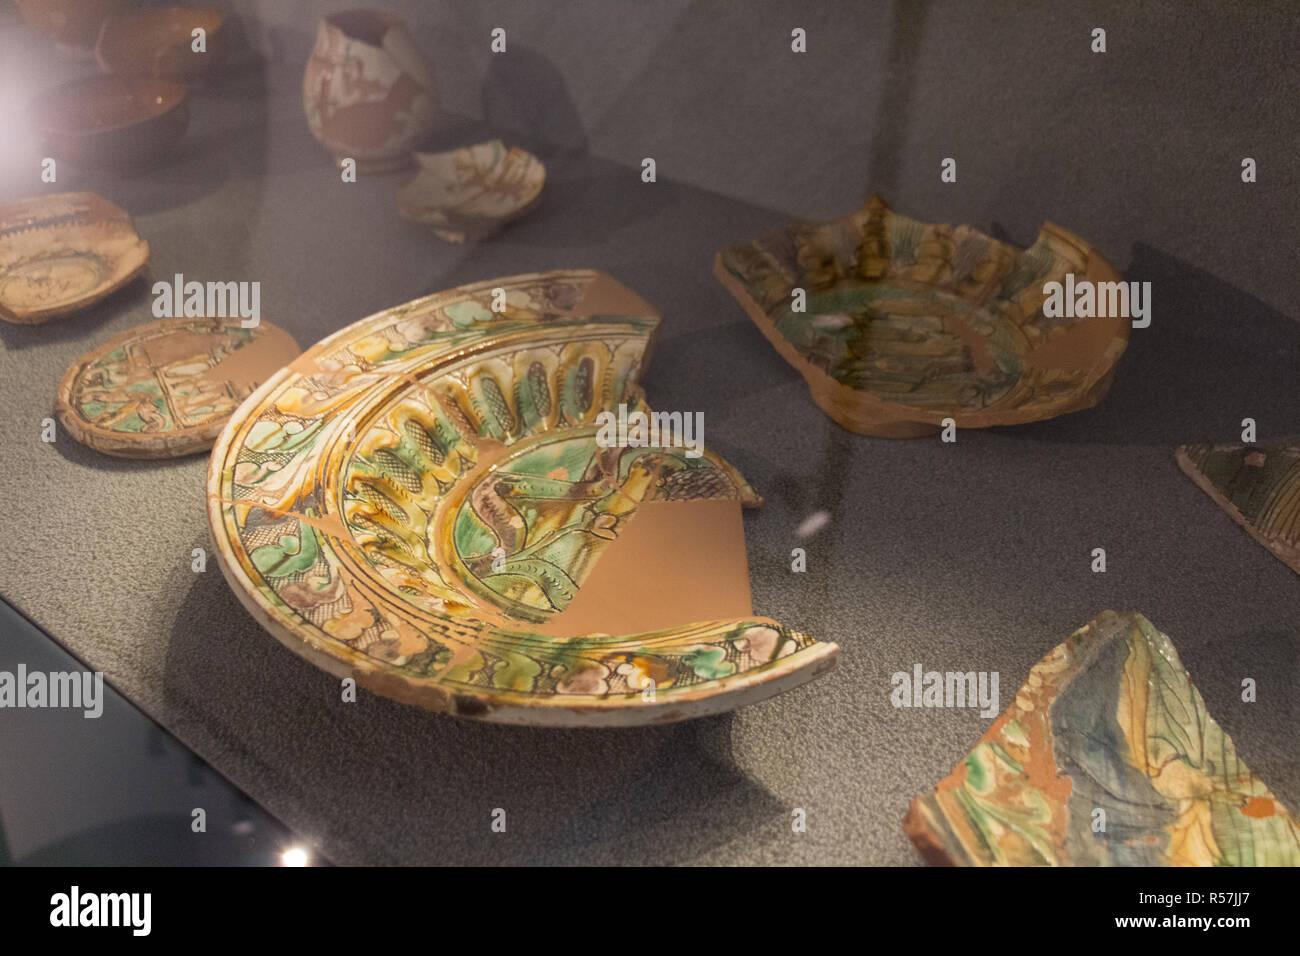 L'Italia, Brescia - 24 dicembre 2017: la vista di antichi oggetti di uso quotidiano nel Museo di Santa Giulia di Brescia, Lombardia, Italia. il 24 dicembre 2 Immagini Stock